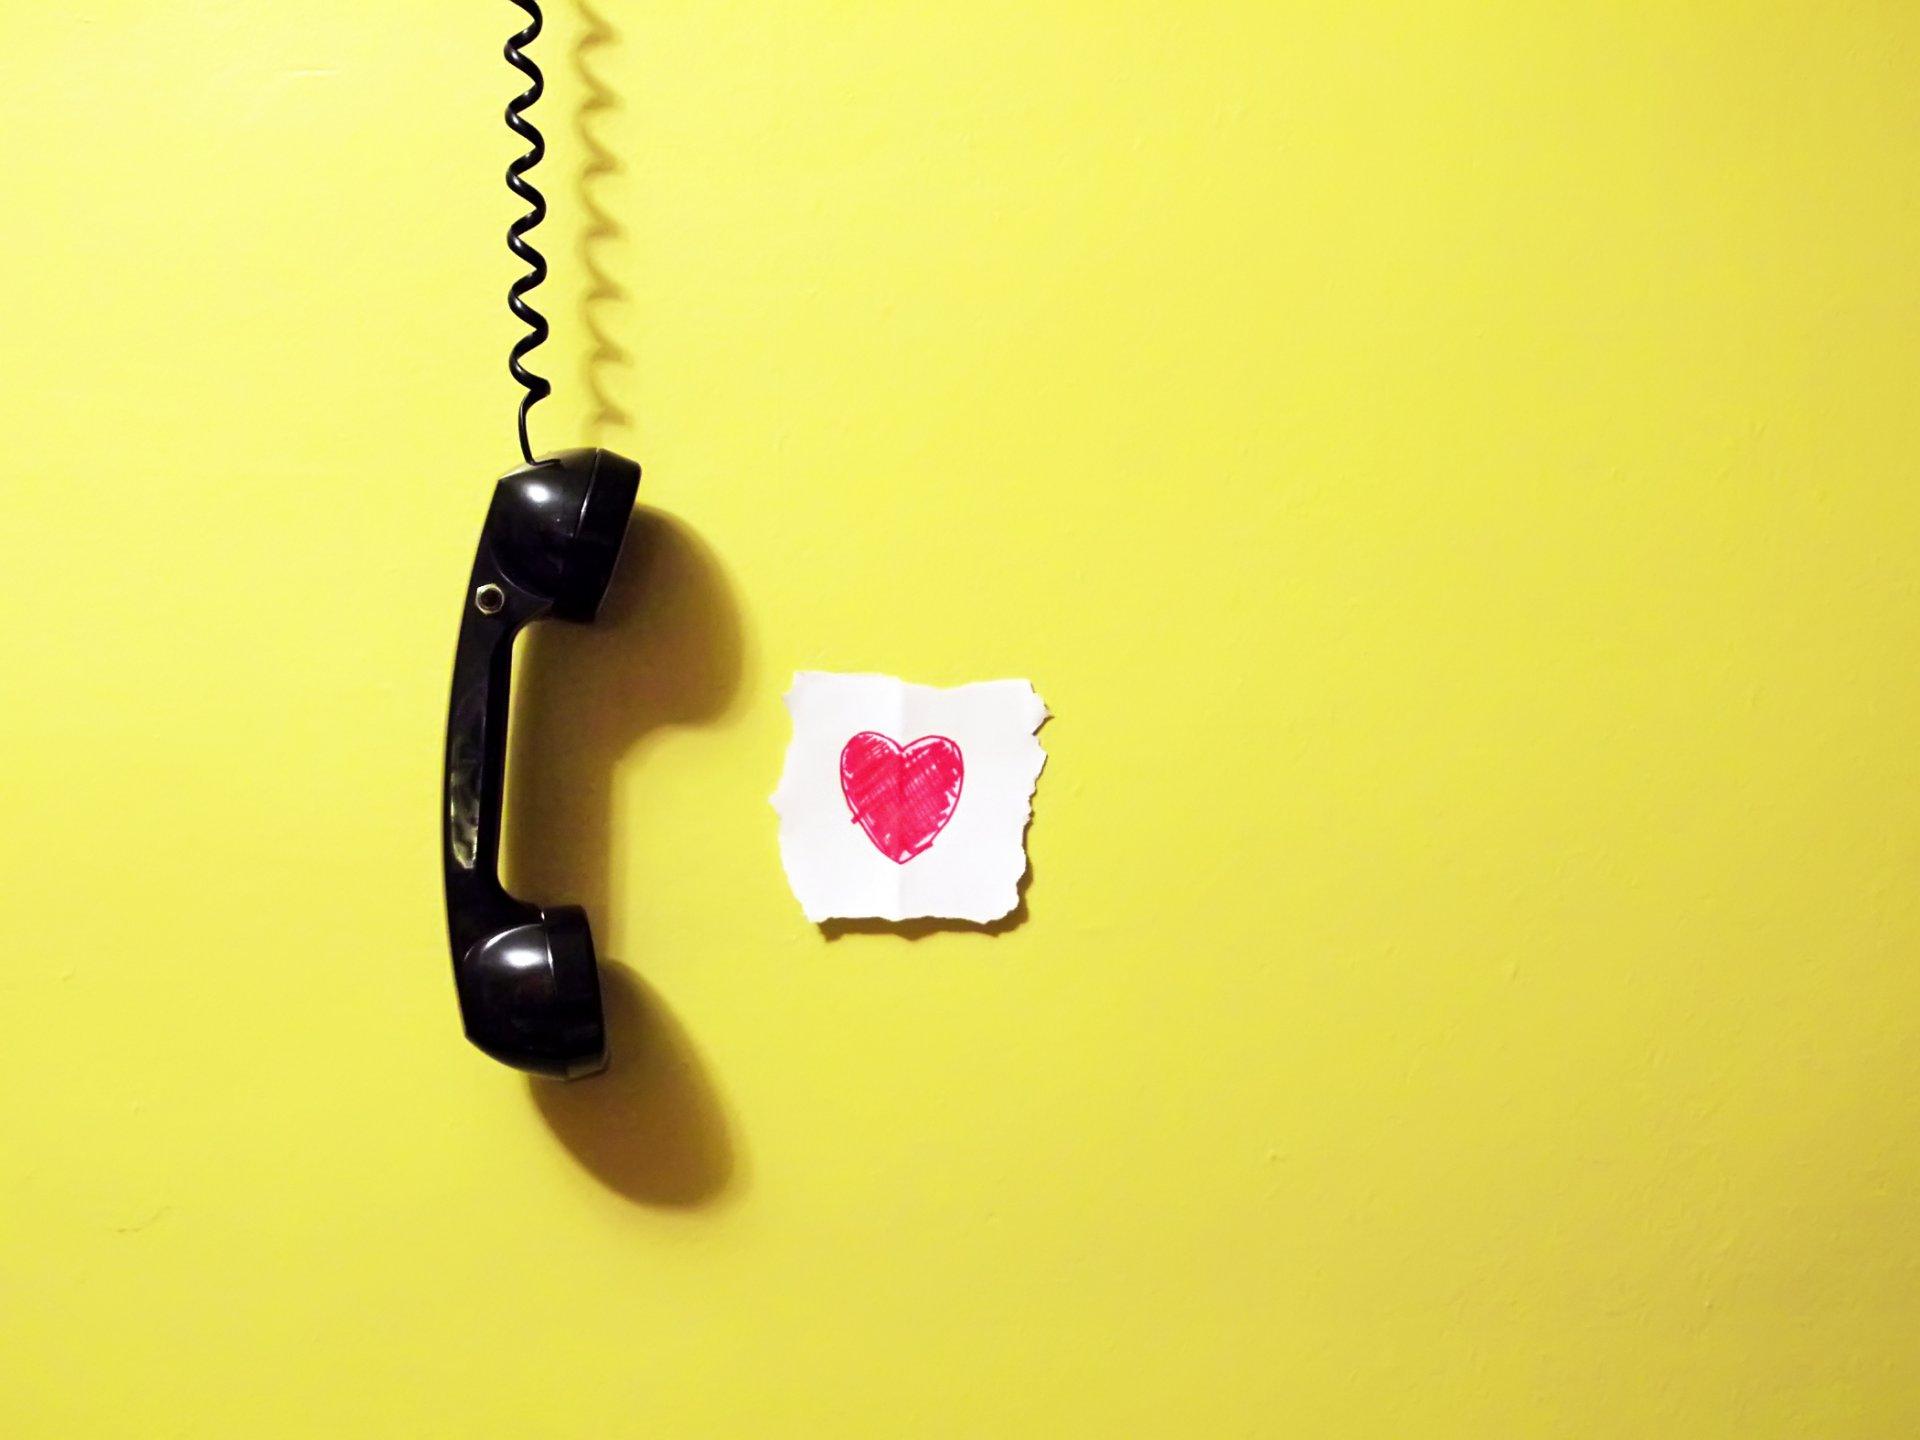 конфет грубые картинки для телефона поверхностный досмотр